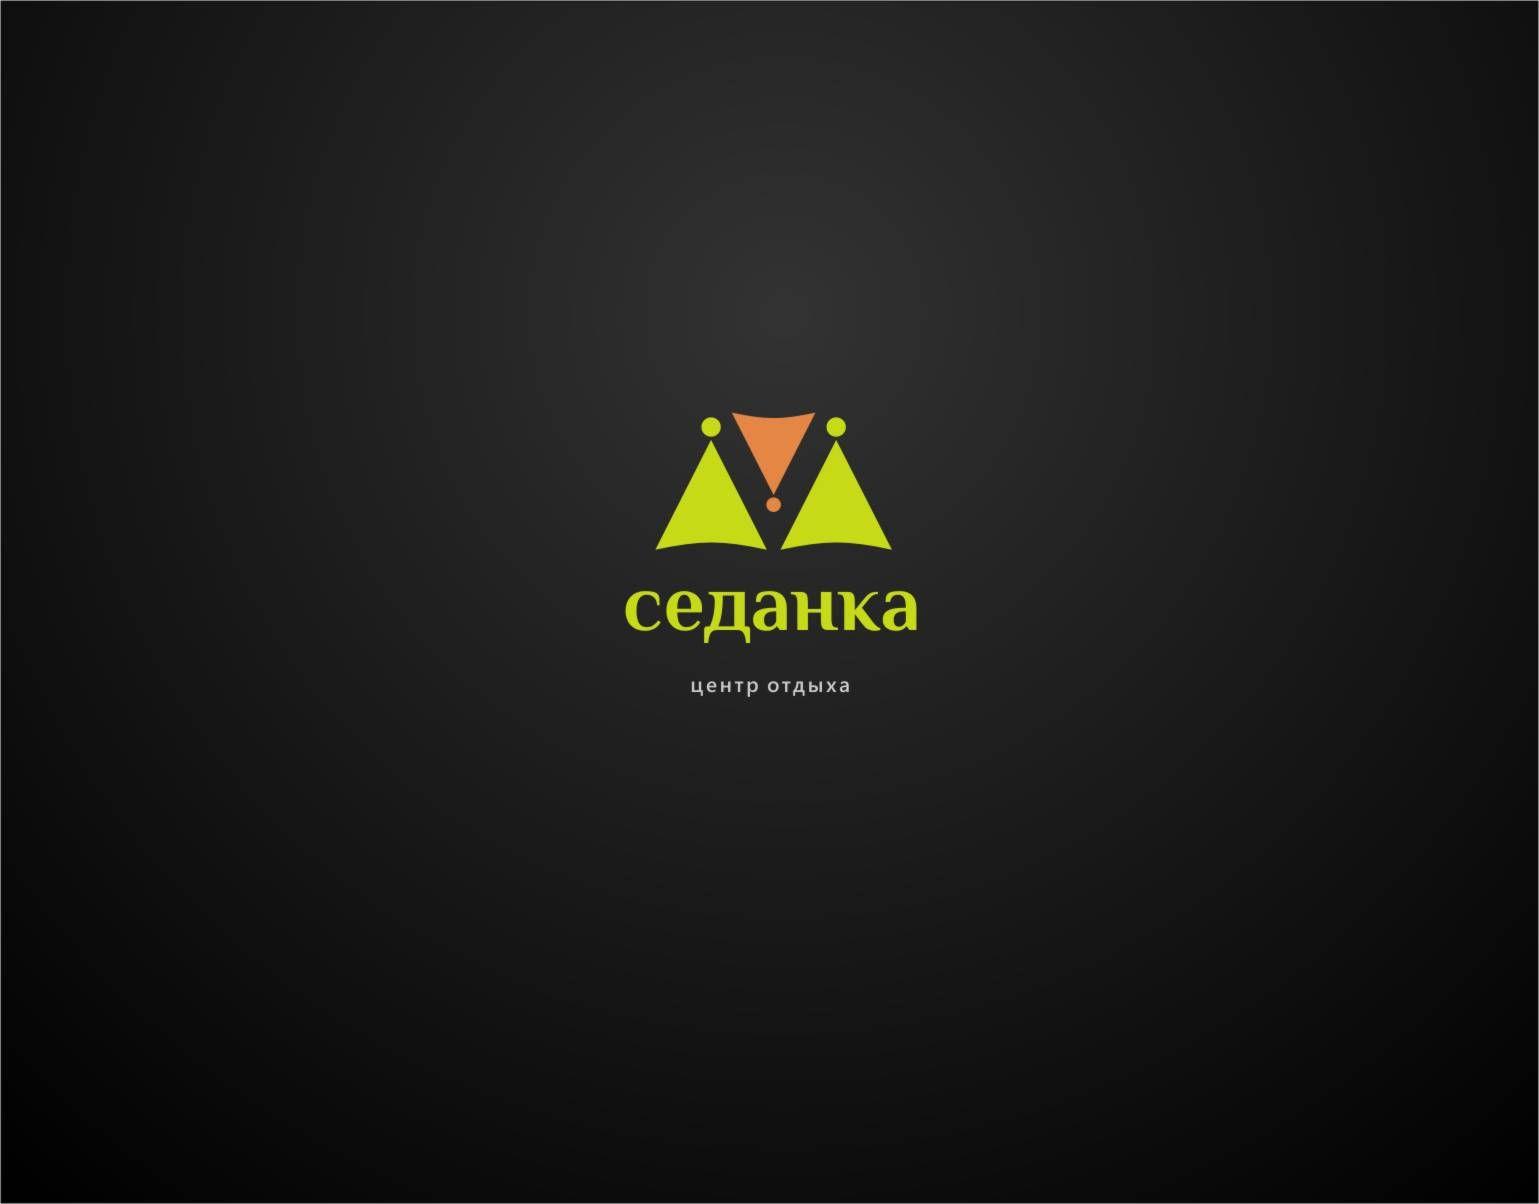 Логотип для центра отдыха - дизайнер lada84